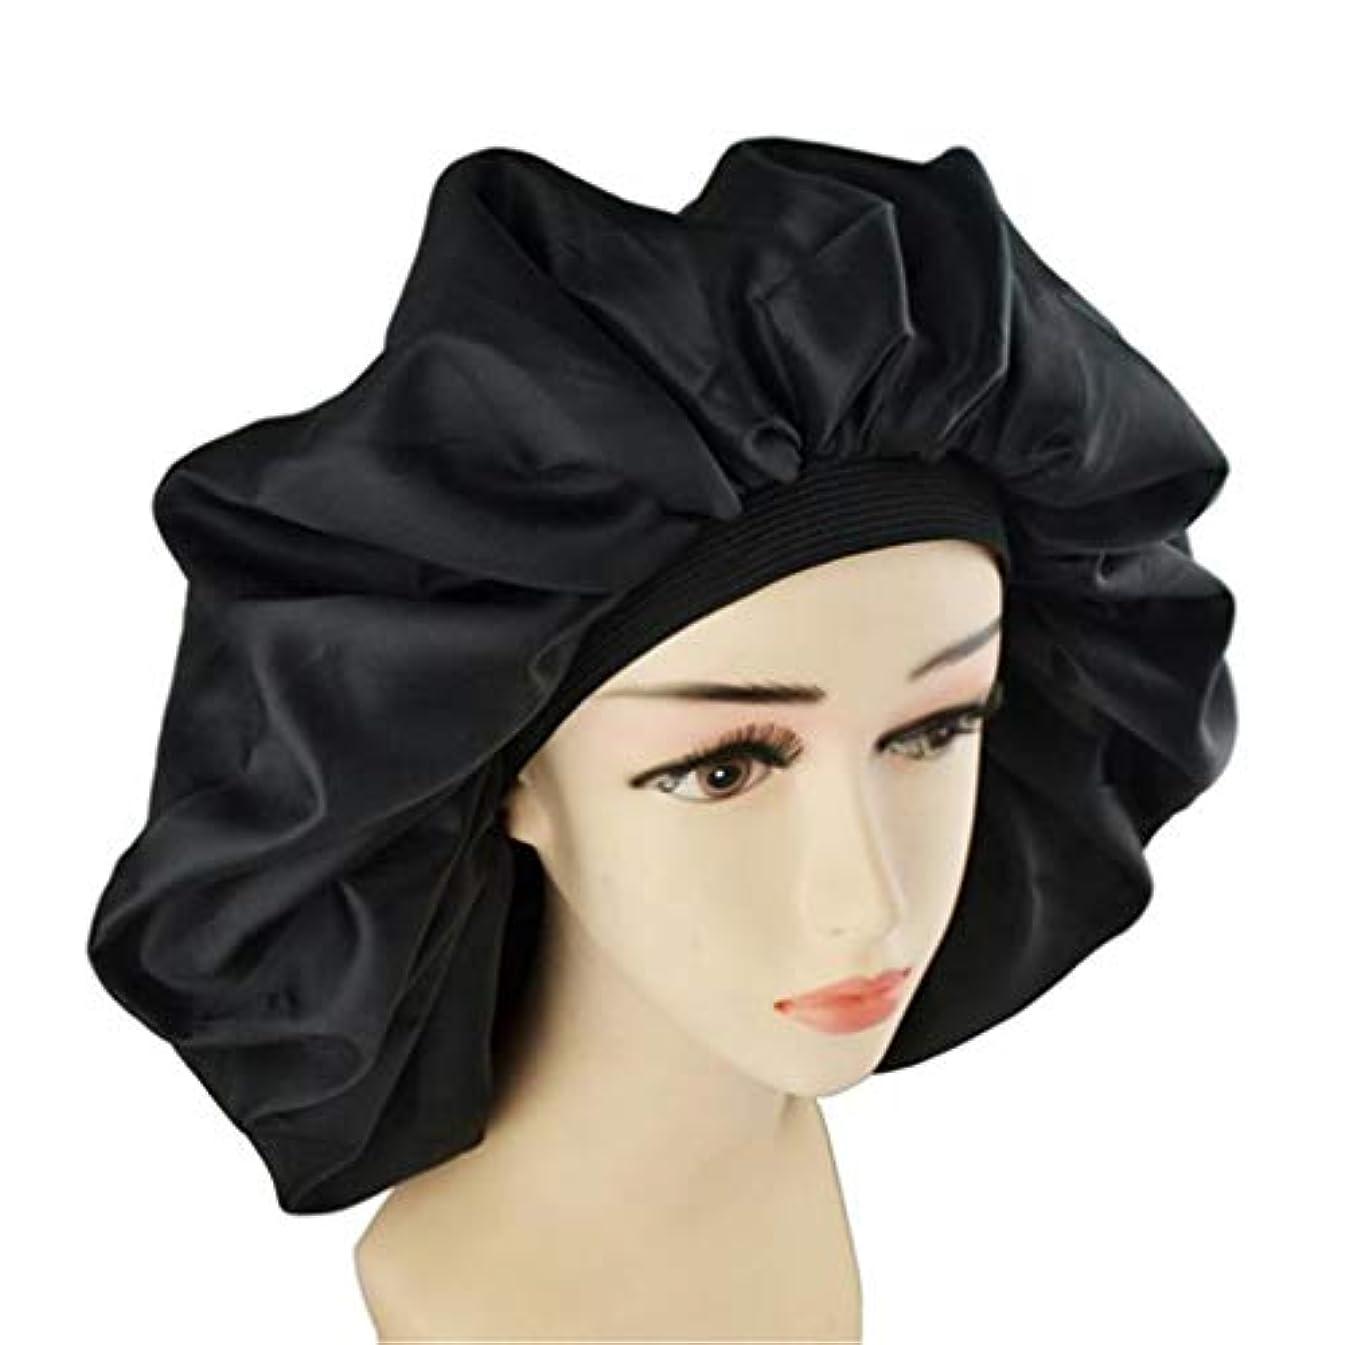 男やもめ実施するずるいLUXWELL(ラクスウェル)シャワーキャップ ヘアキャップ ヘアーターバン 入浴キャップ 帽子 お風呂、シャワー用 浴用帽子 便利 女性 弾性 防水 入浴 シャワーキャップ 再使用可能 保護